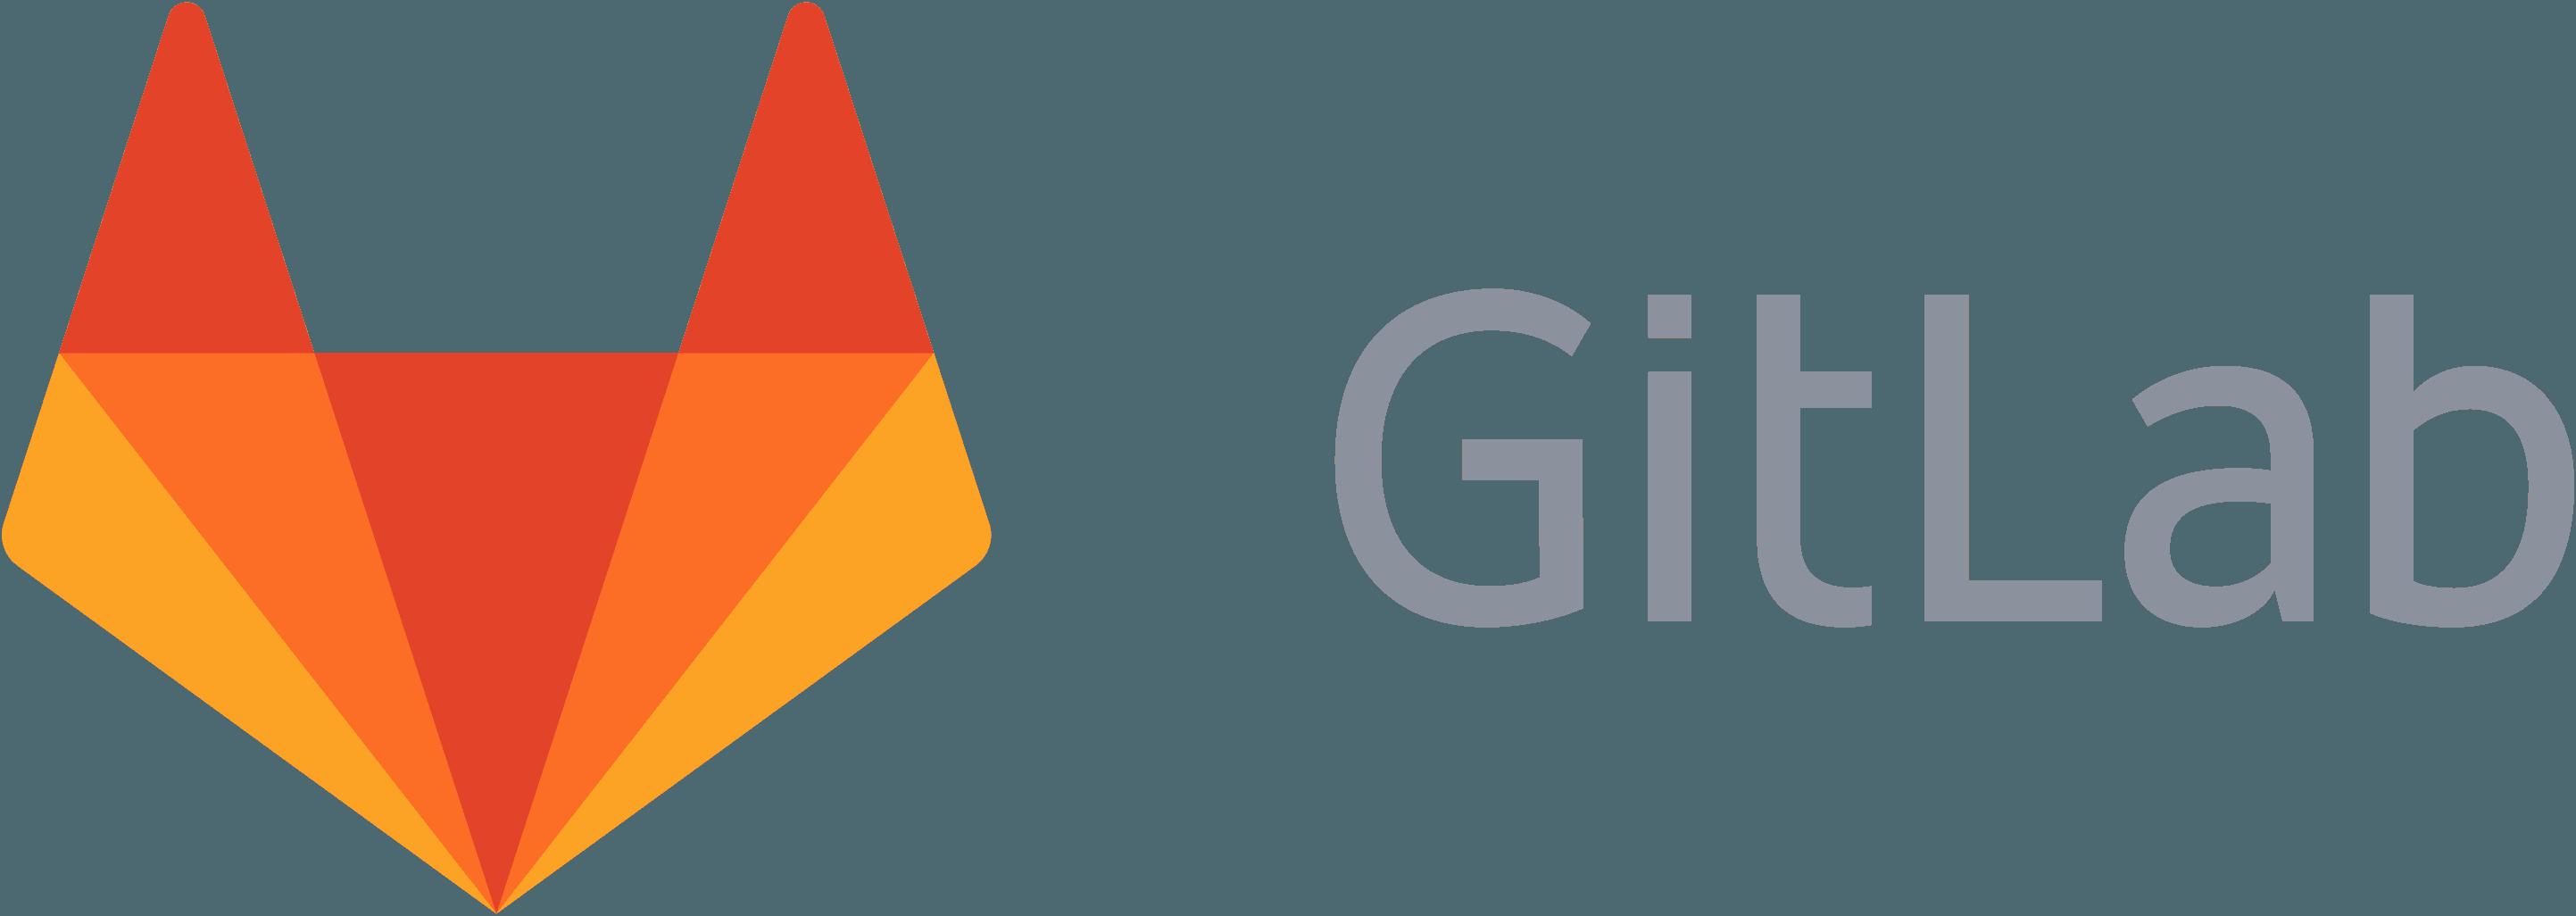 gitlab-logo2.png